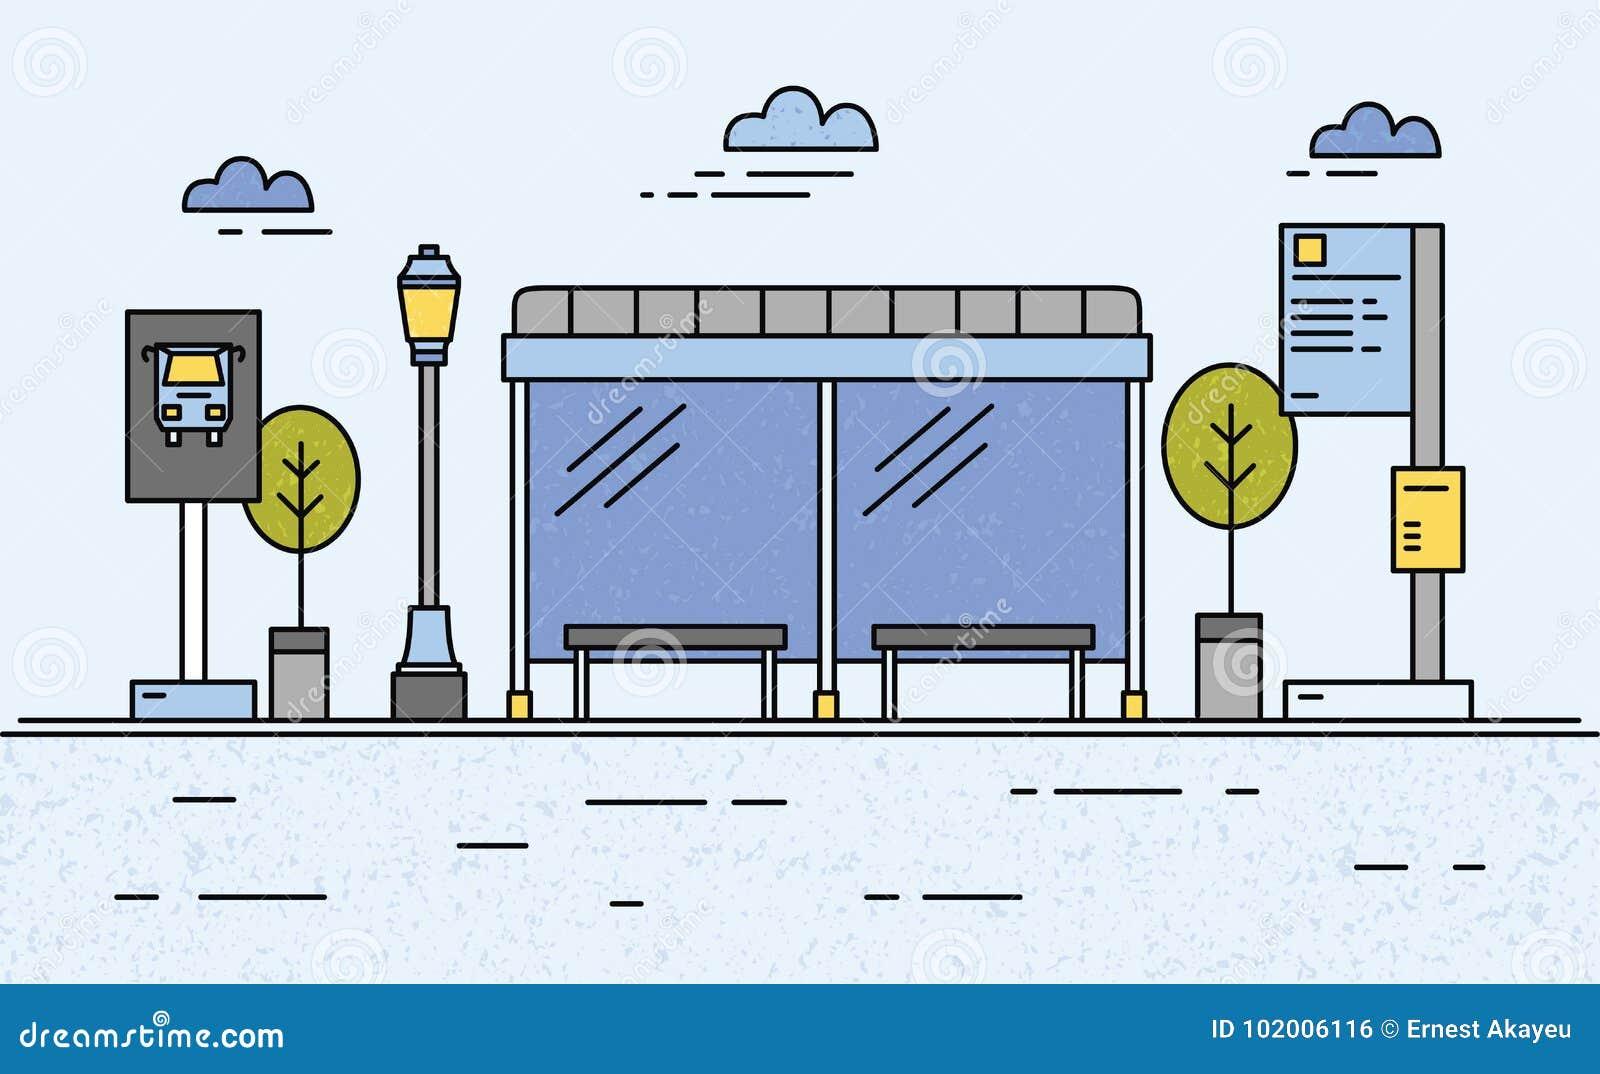 Parada de autobús, luz de calle, calendario del transporte público e información para los pasajeros